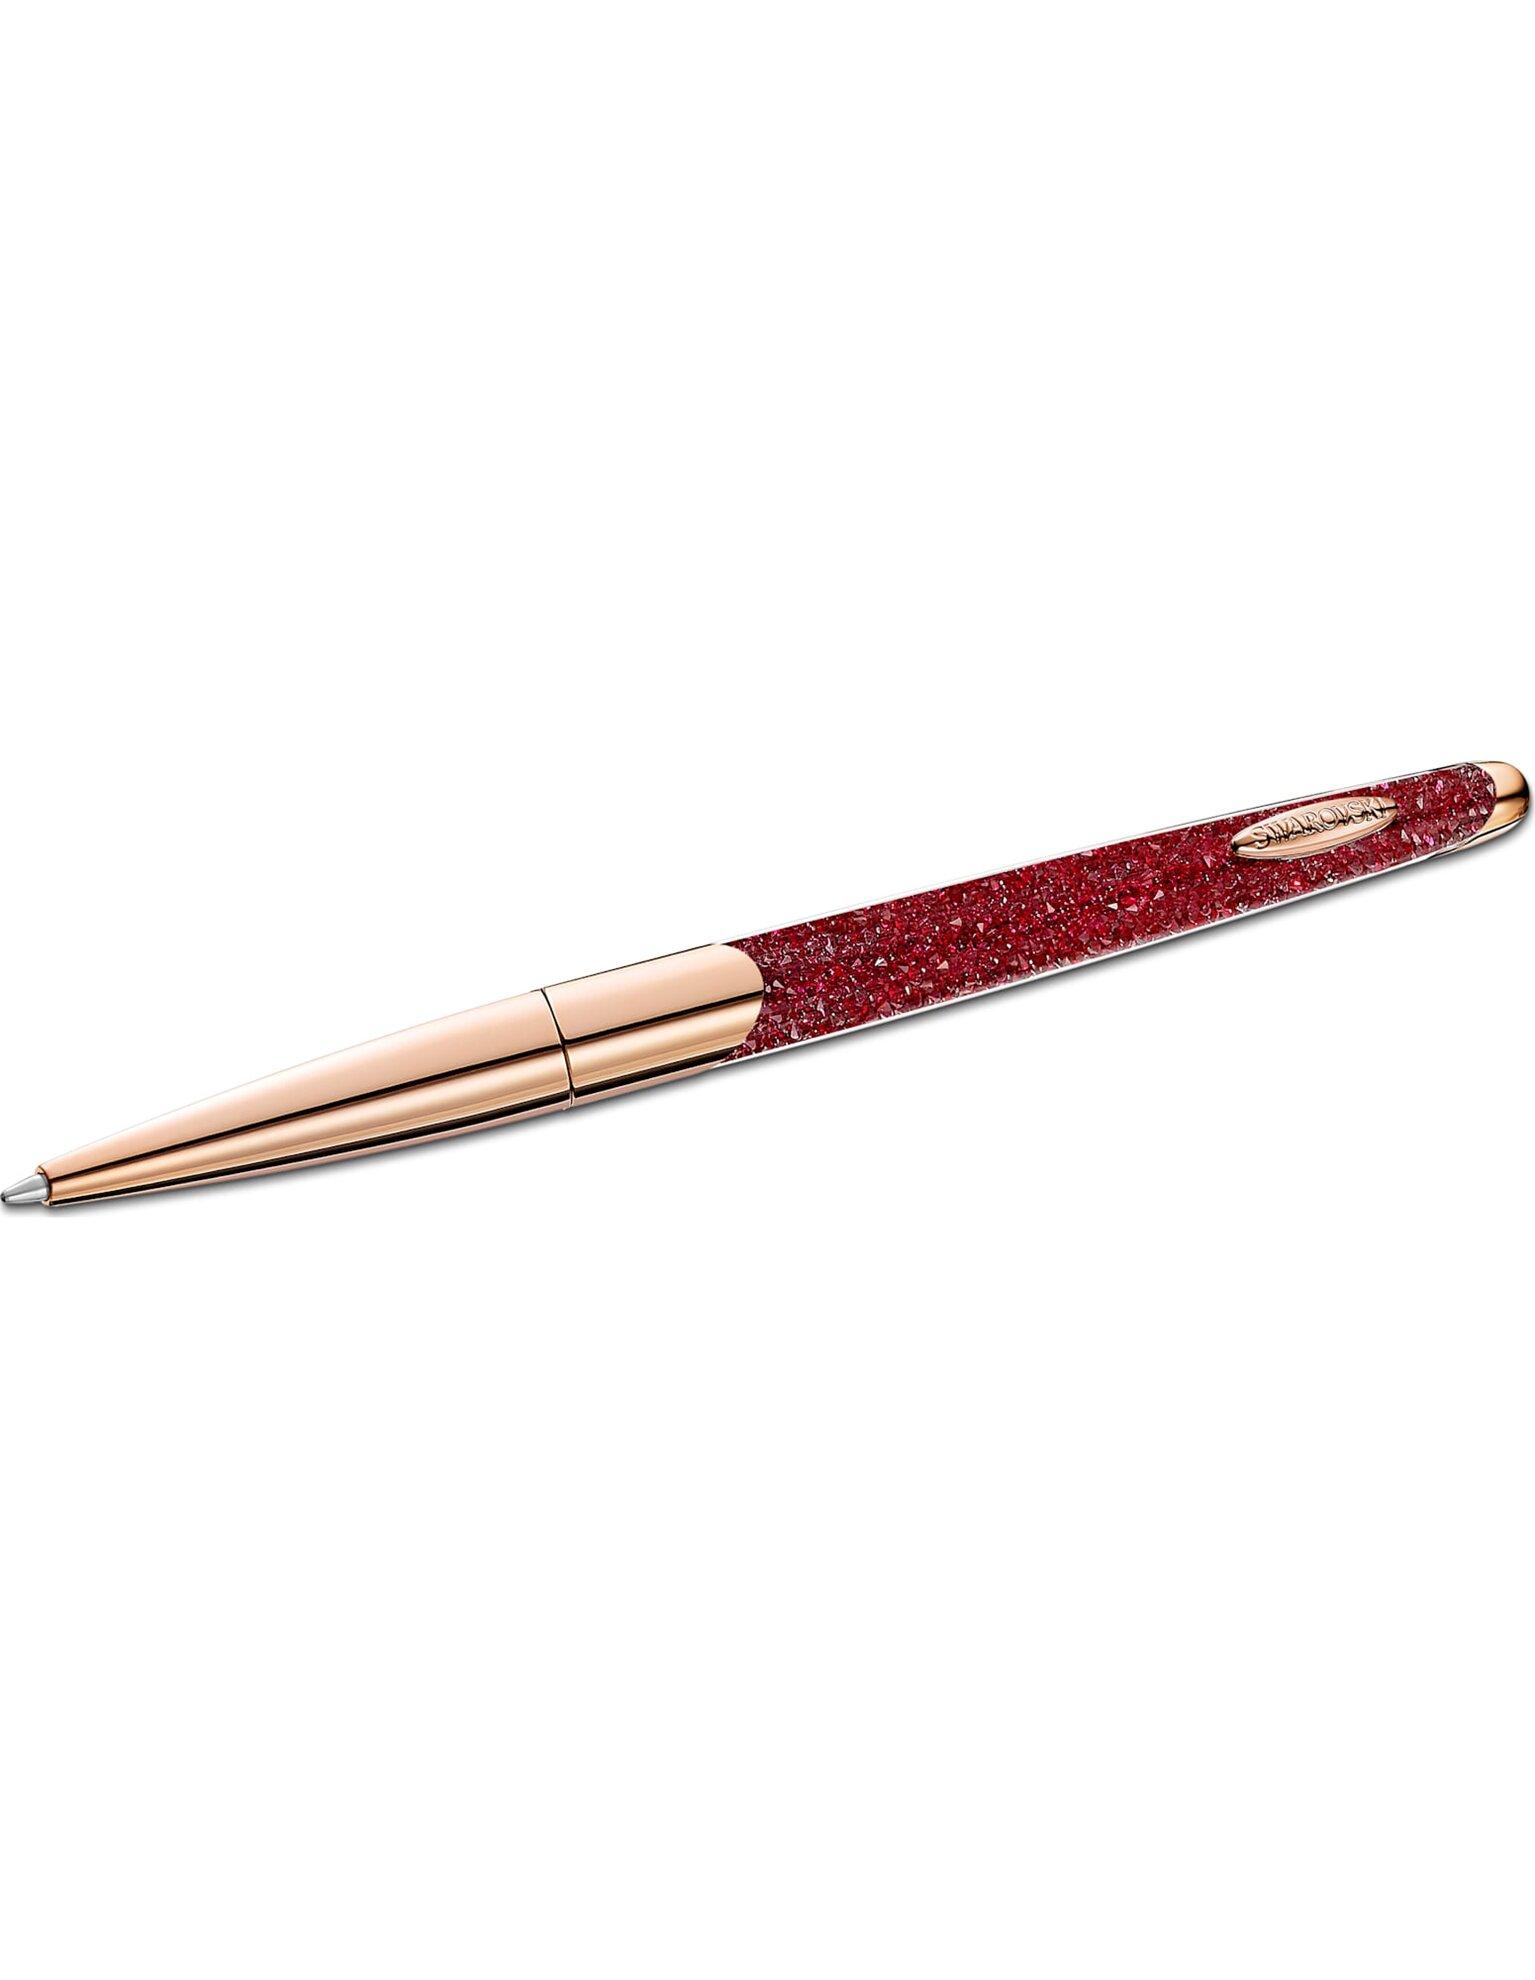 Picture of Crystalline Nova Tükenmez Kalem, Kırmızı, Pembe altın rengi kaplama